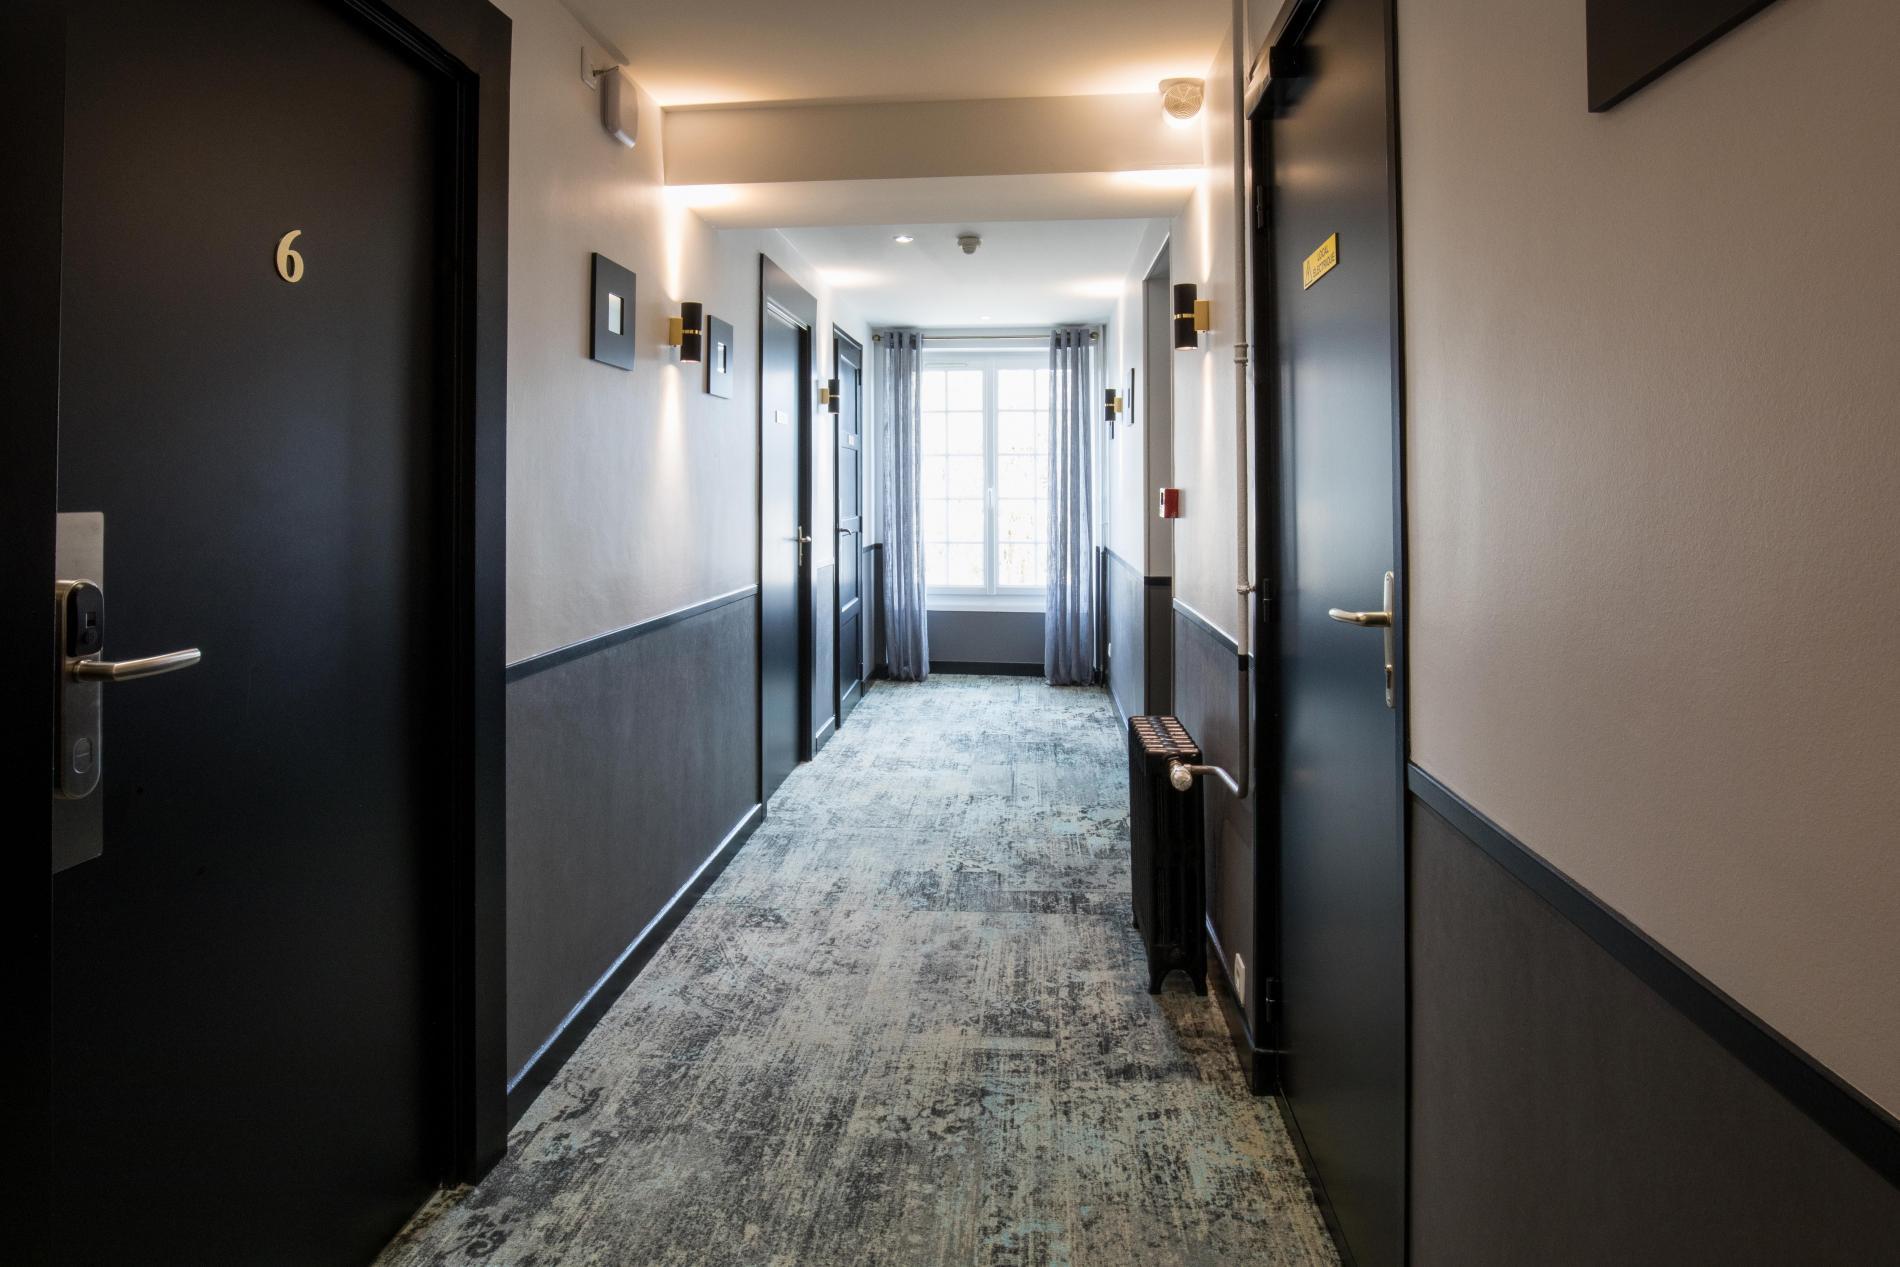 Couloir de l'hôtel de laPoste Le Mêle sur Sarthe